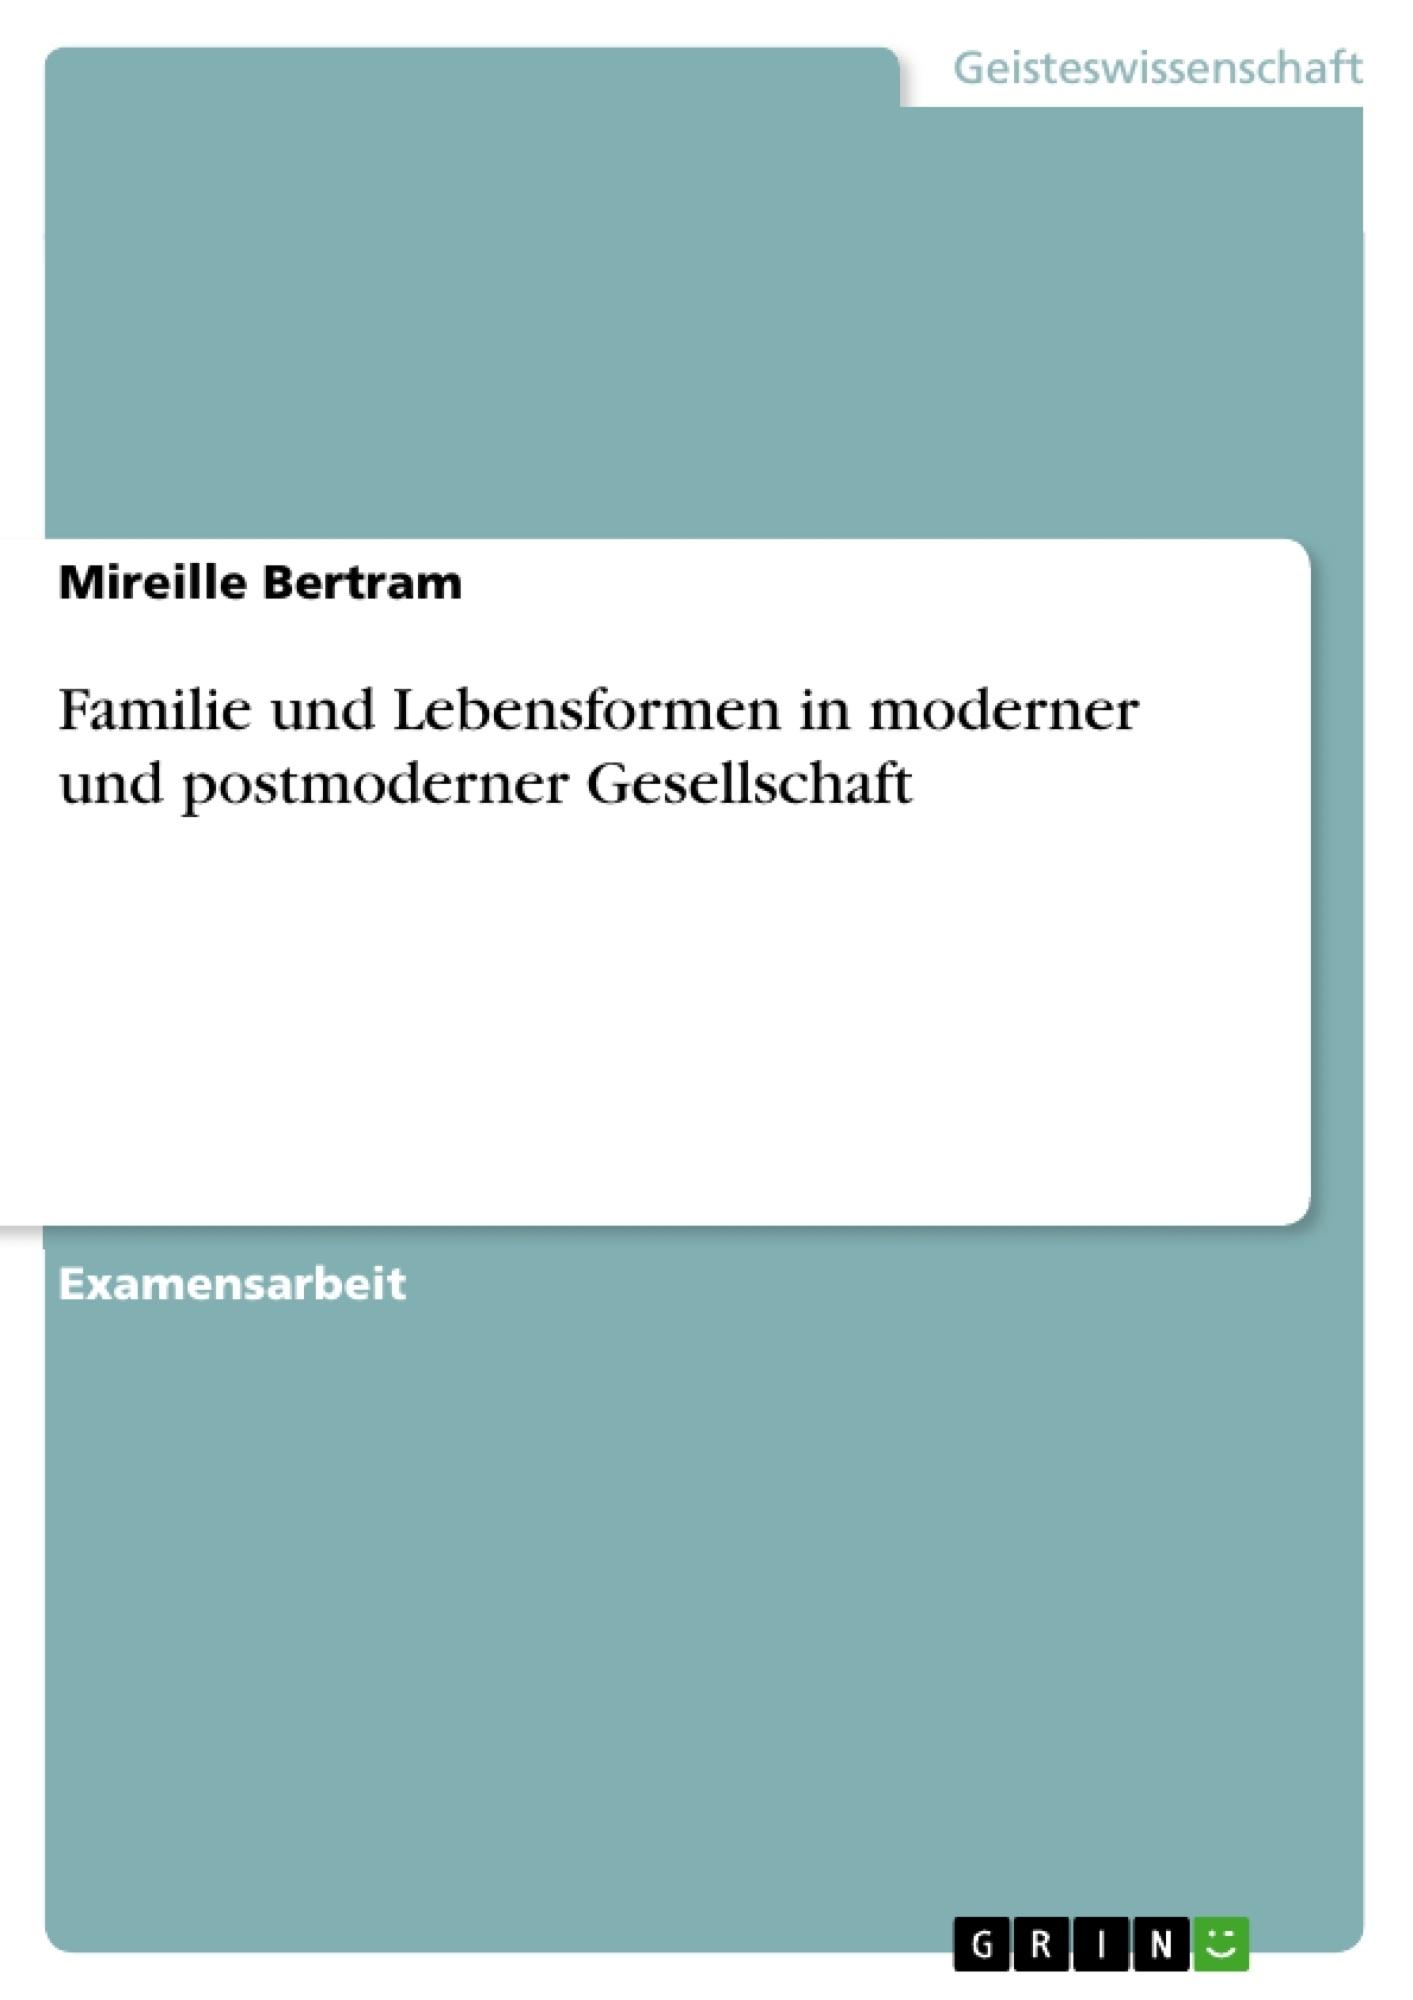 Titel: Familie und Lebensformen in moderner und postmoderner Gesellschaft